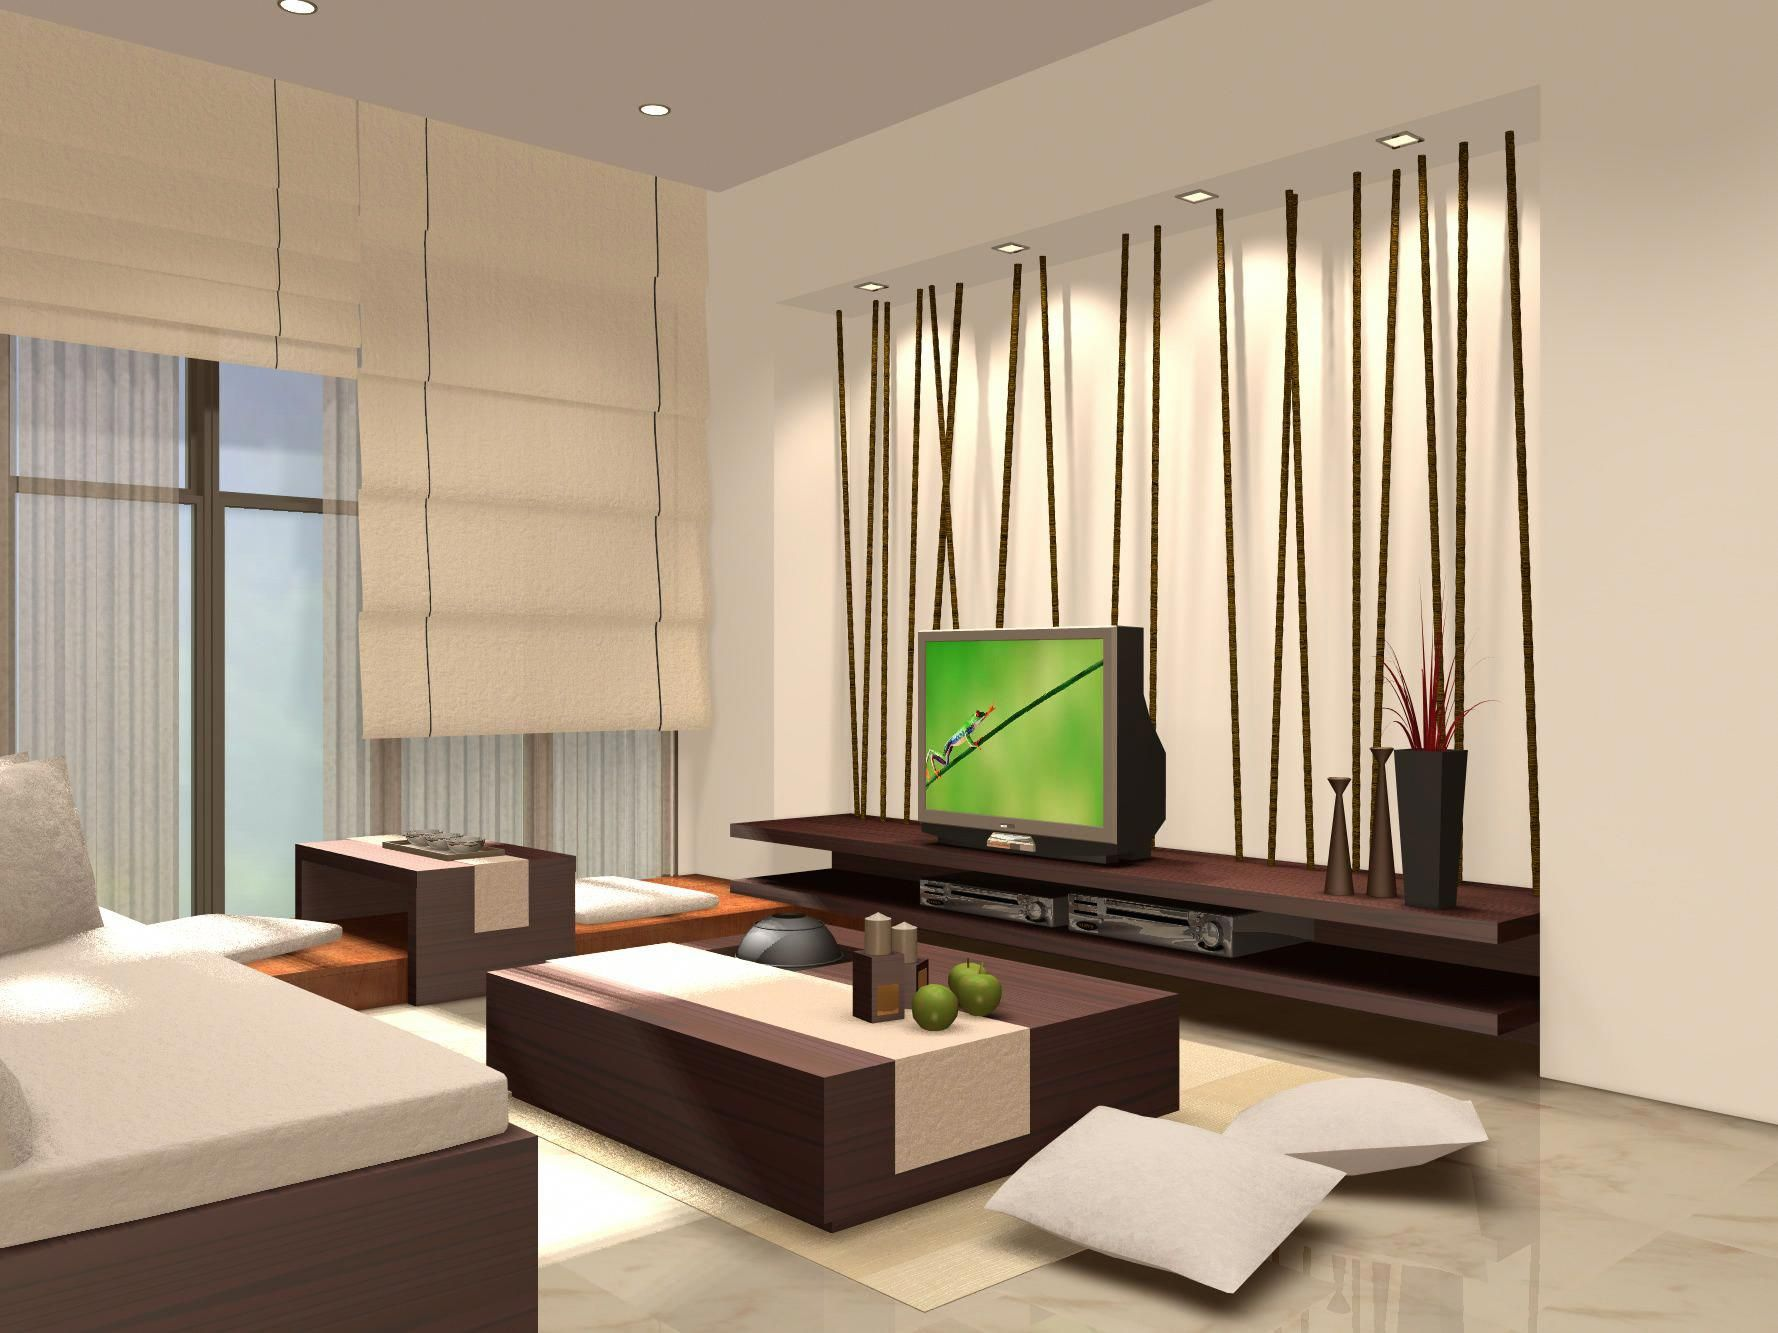 Decoration Salon Zen Photo zen interior design | zen-interior-style-and-zen-interior